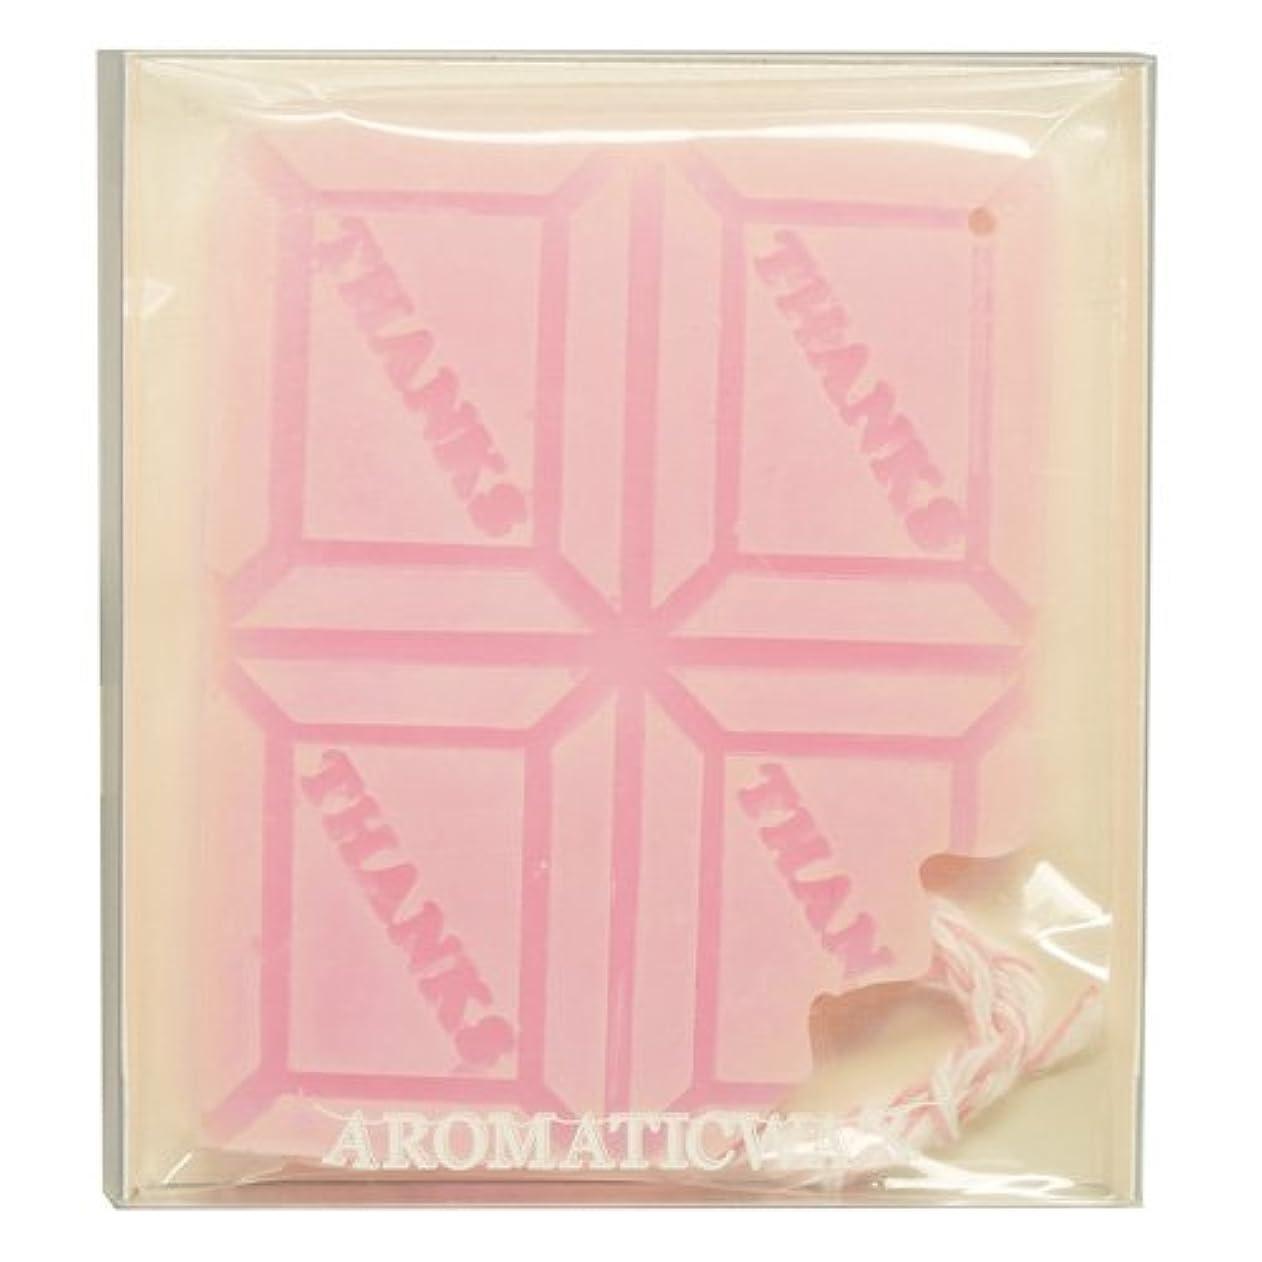 有名イタリックアストロラーベGRASSE TOKYO AROMATICWAXチャーム「板チョコ(THANKS)」(PI) ゼラニウム アロマティックワックス グラーストウキョウ